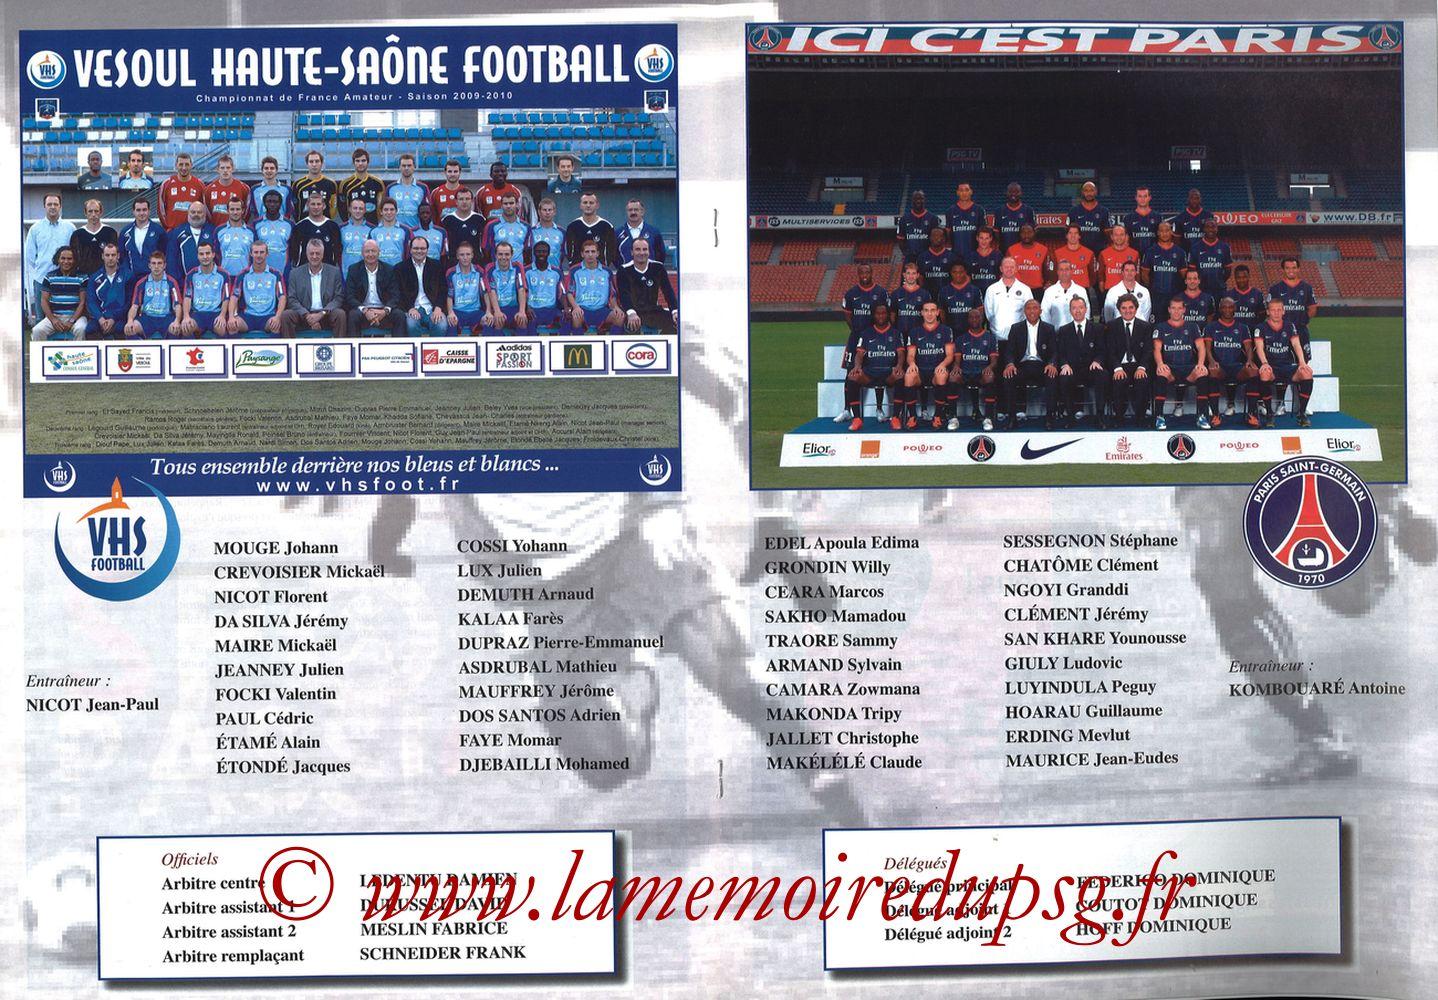 2010-02-09  Vesoul-PSG (8ème CF, Programme officiel) - Pages 06 et 07